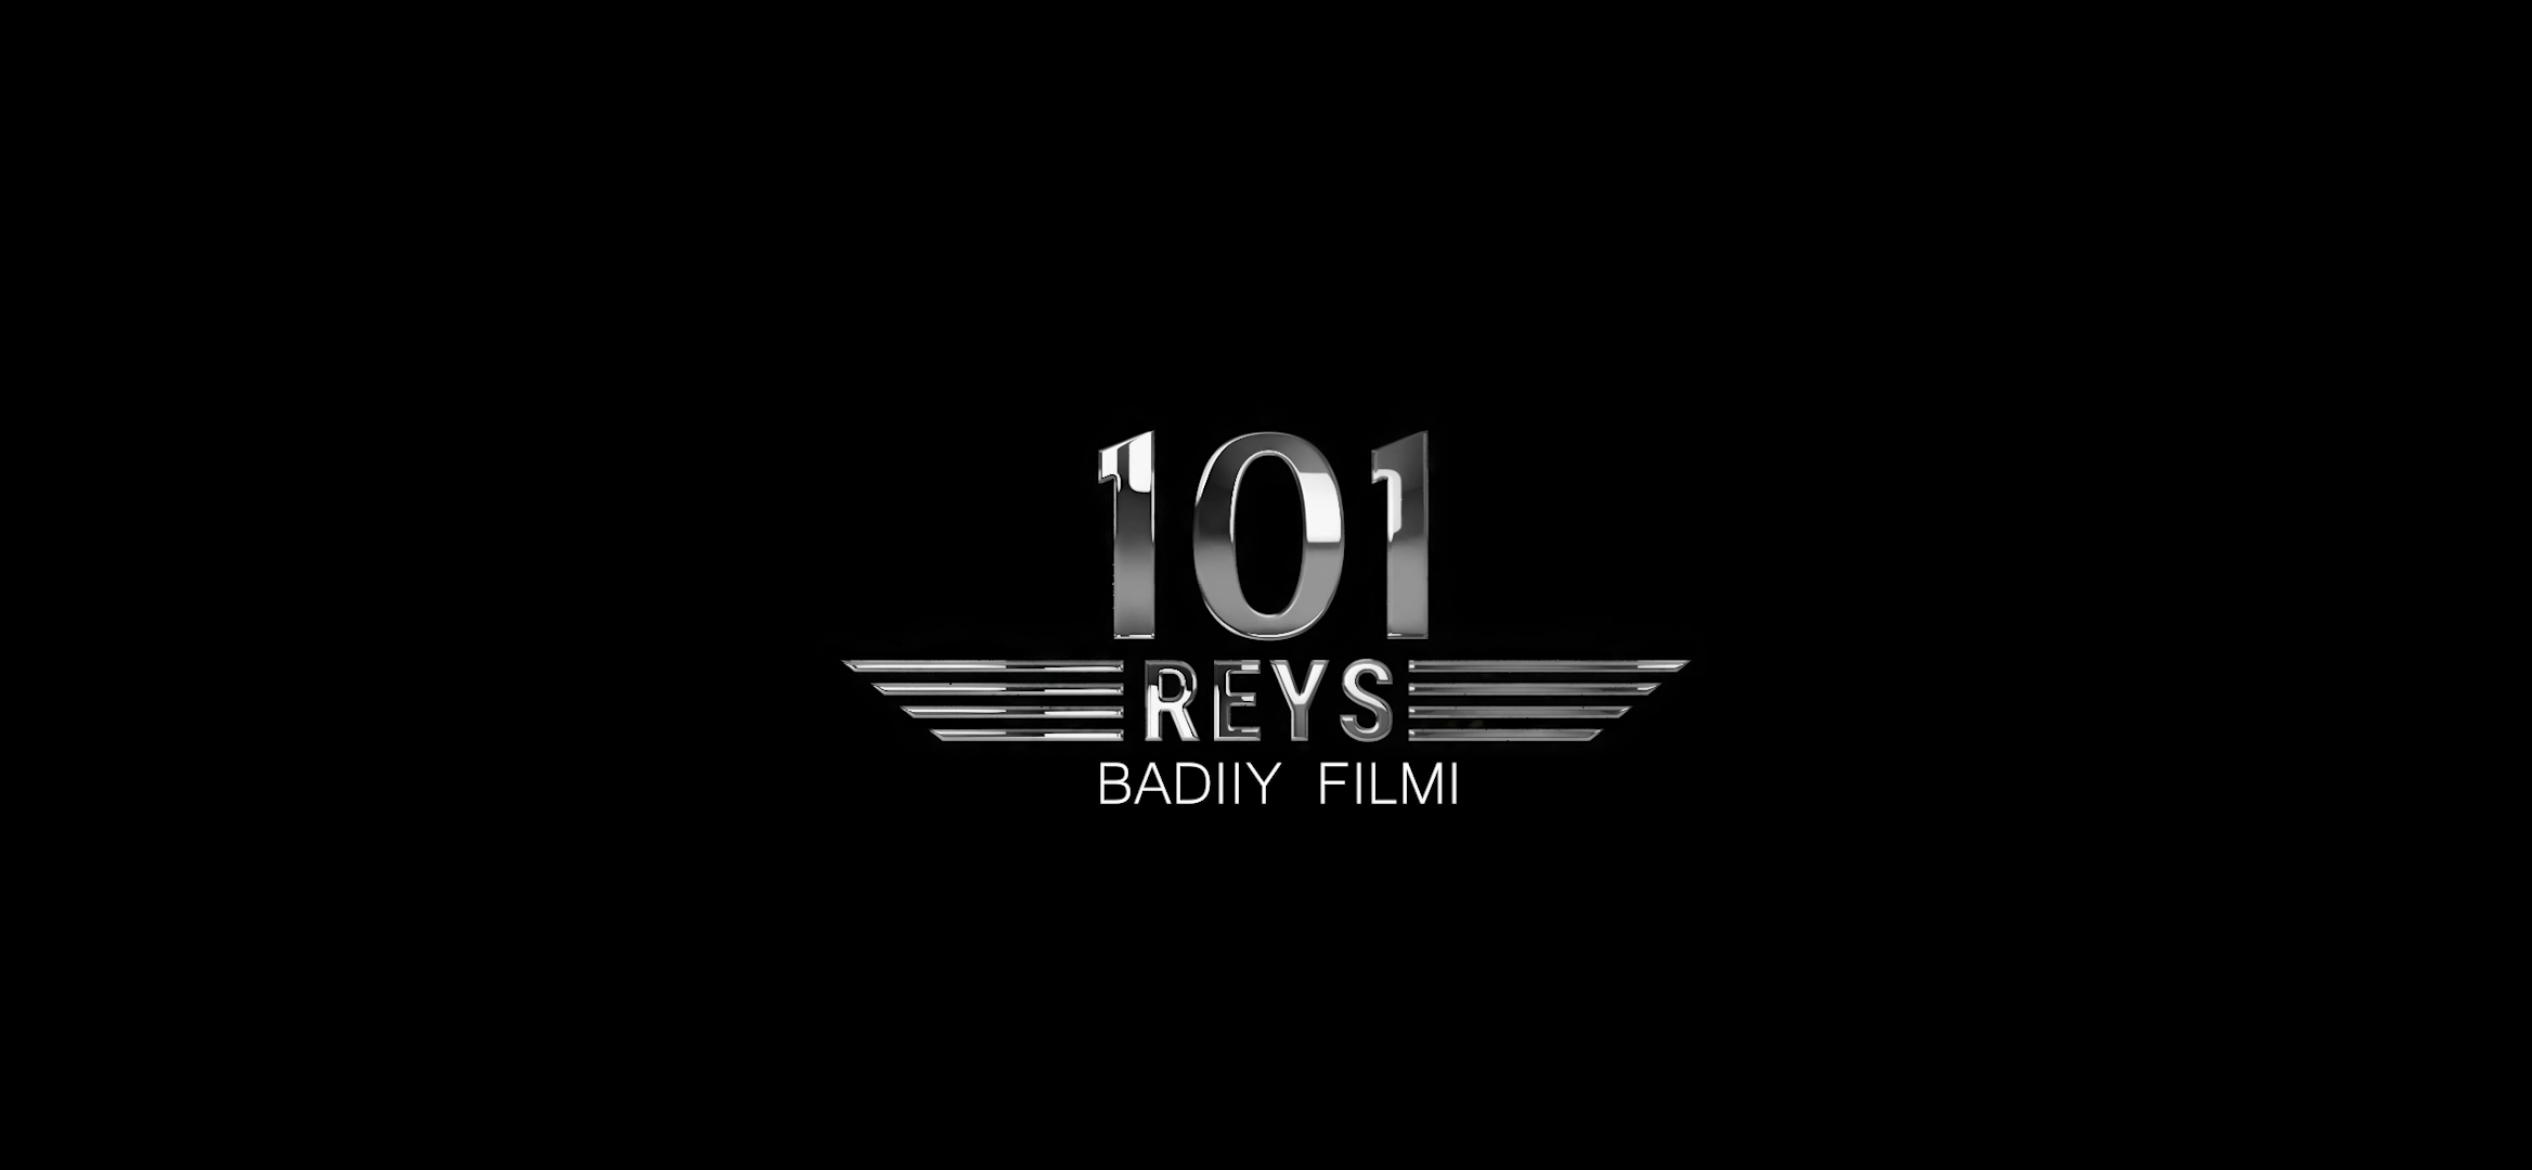 В Ташкенте состоится большая премьера фильма «101 рейс»